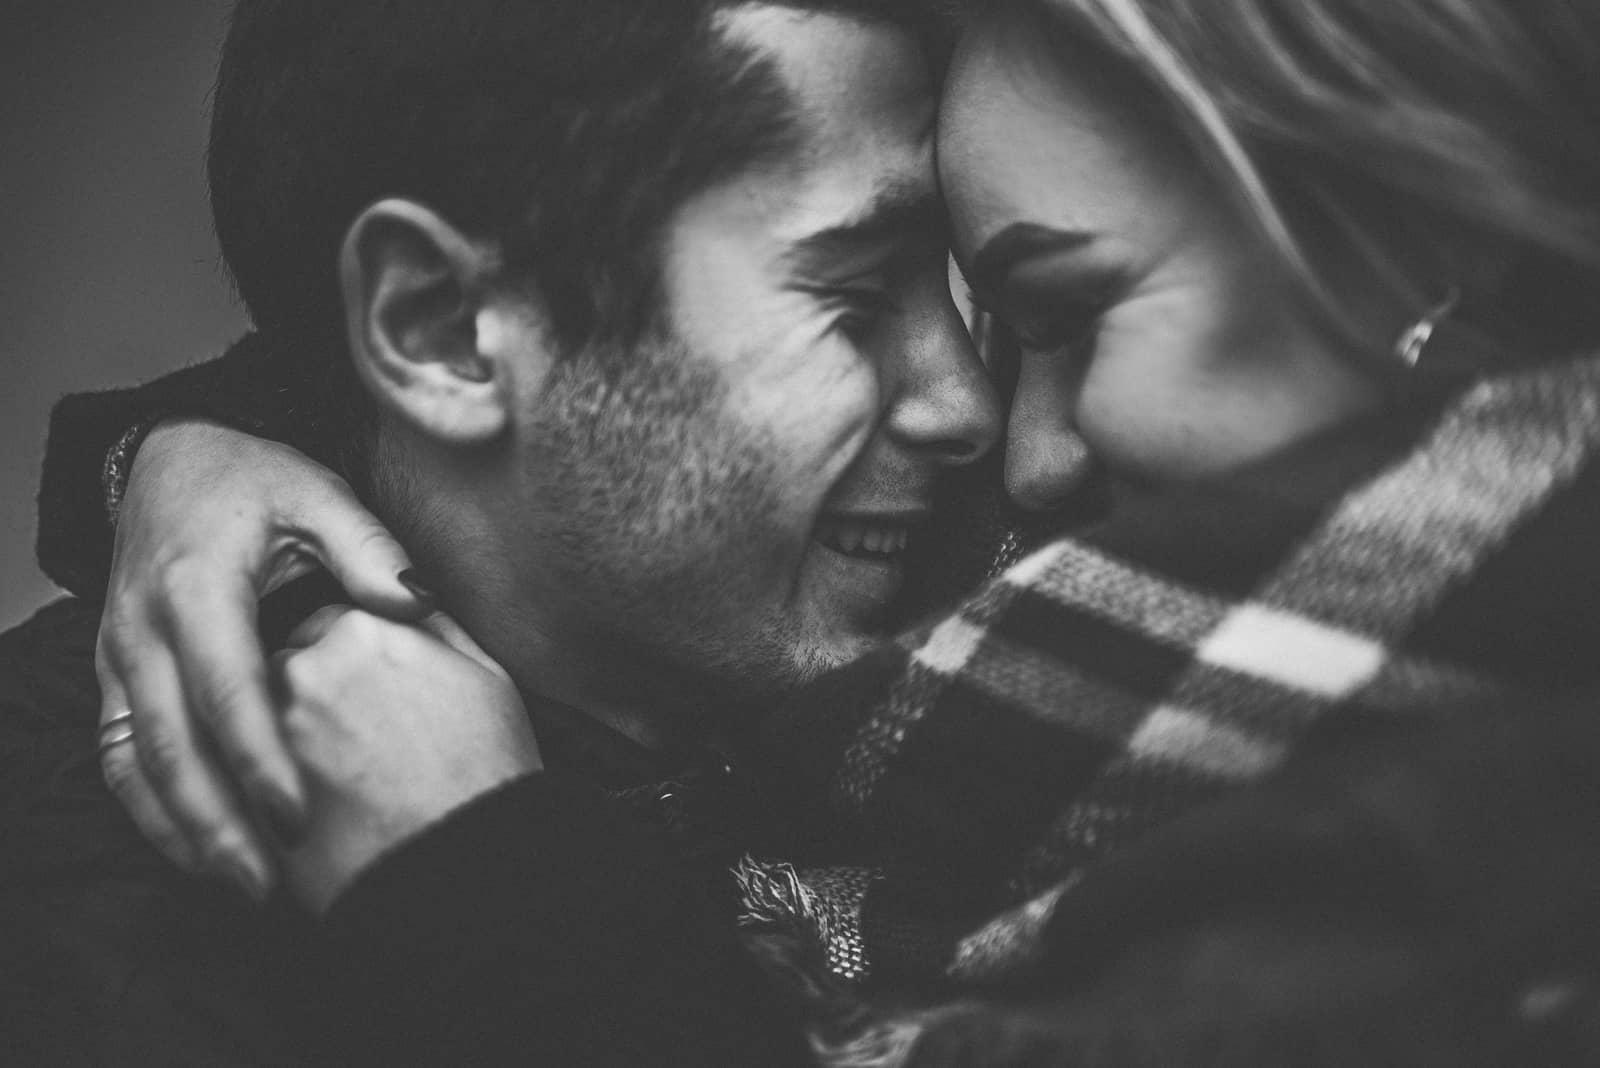 eine leidenschaftliche Umarmung eines Mannes und einer Frau